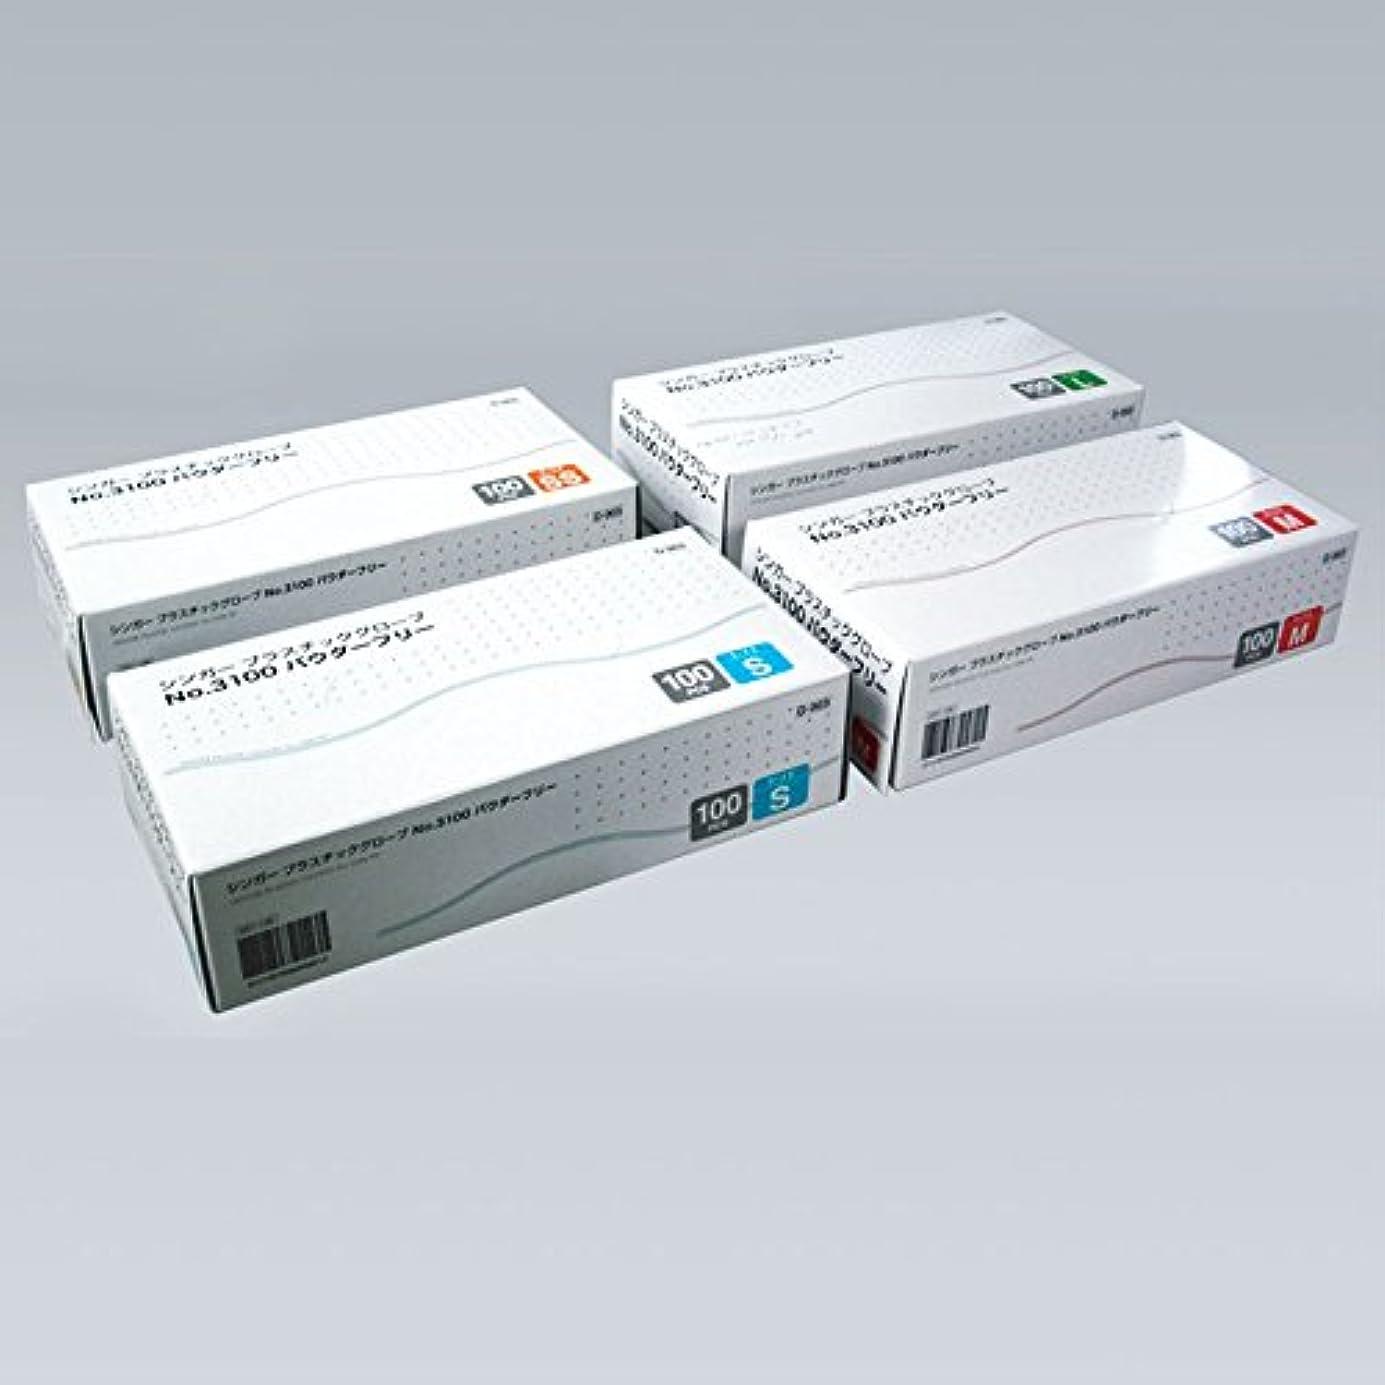 シンガープラスチックグローブNo3100 パウダーフリー1000枚 (100枚入り×10箱) (L)